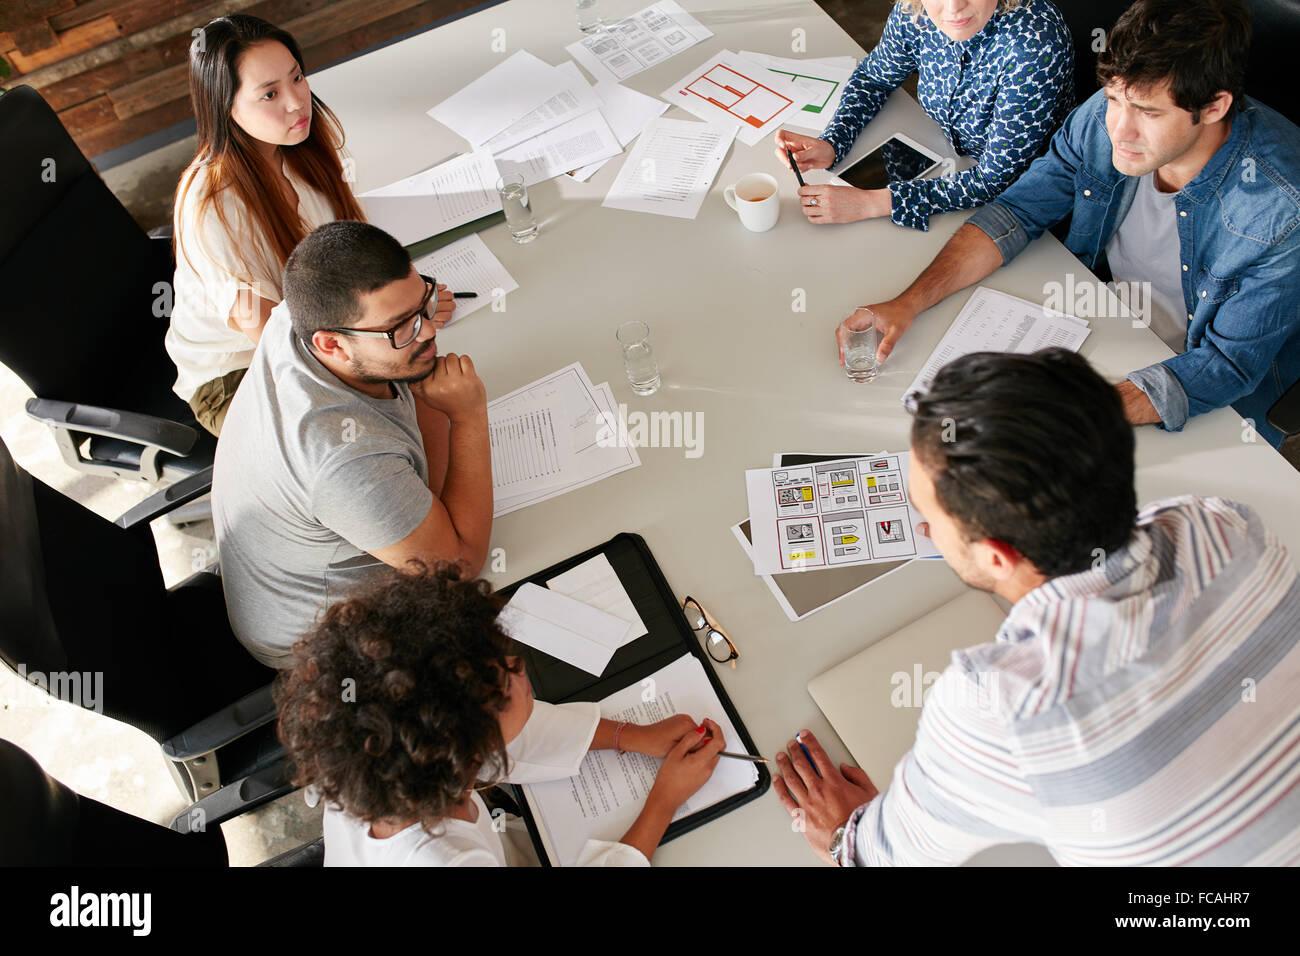 Un alto ángulo de visualización del equipo creativo sentados en torno a una mesa discutiendo ideas de Imagen De Stock